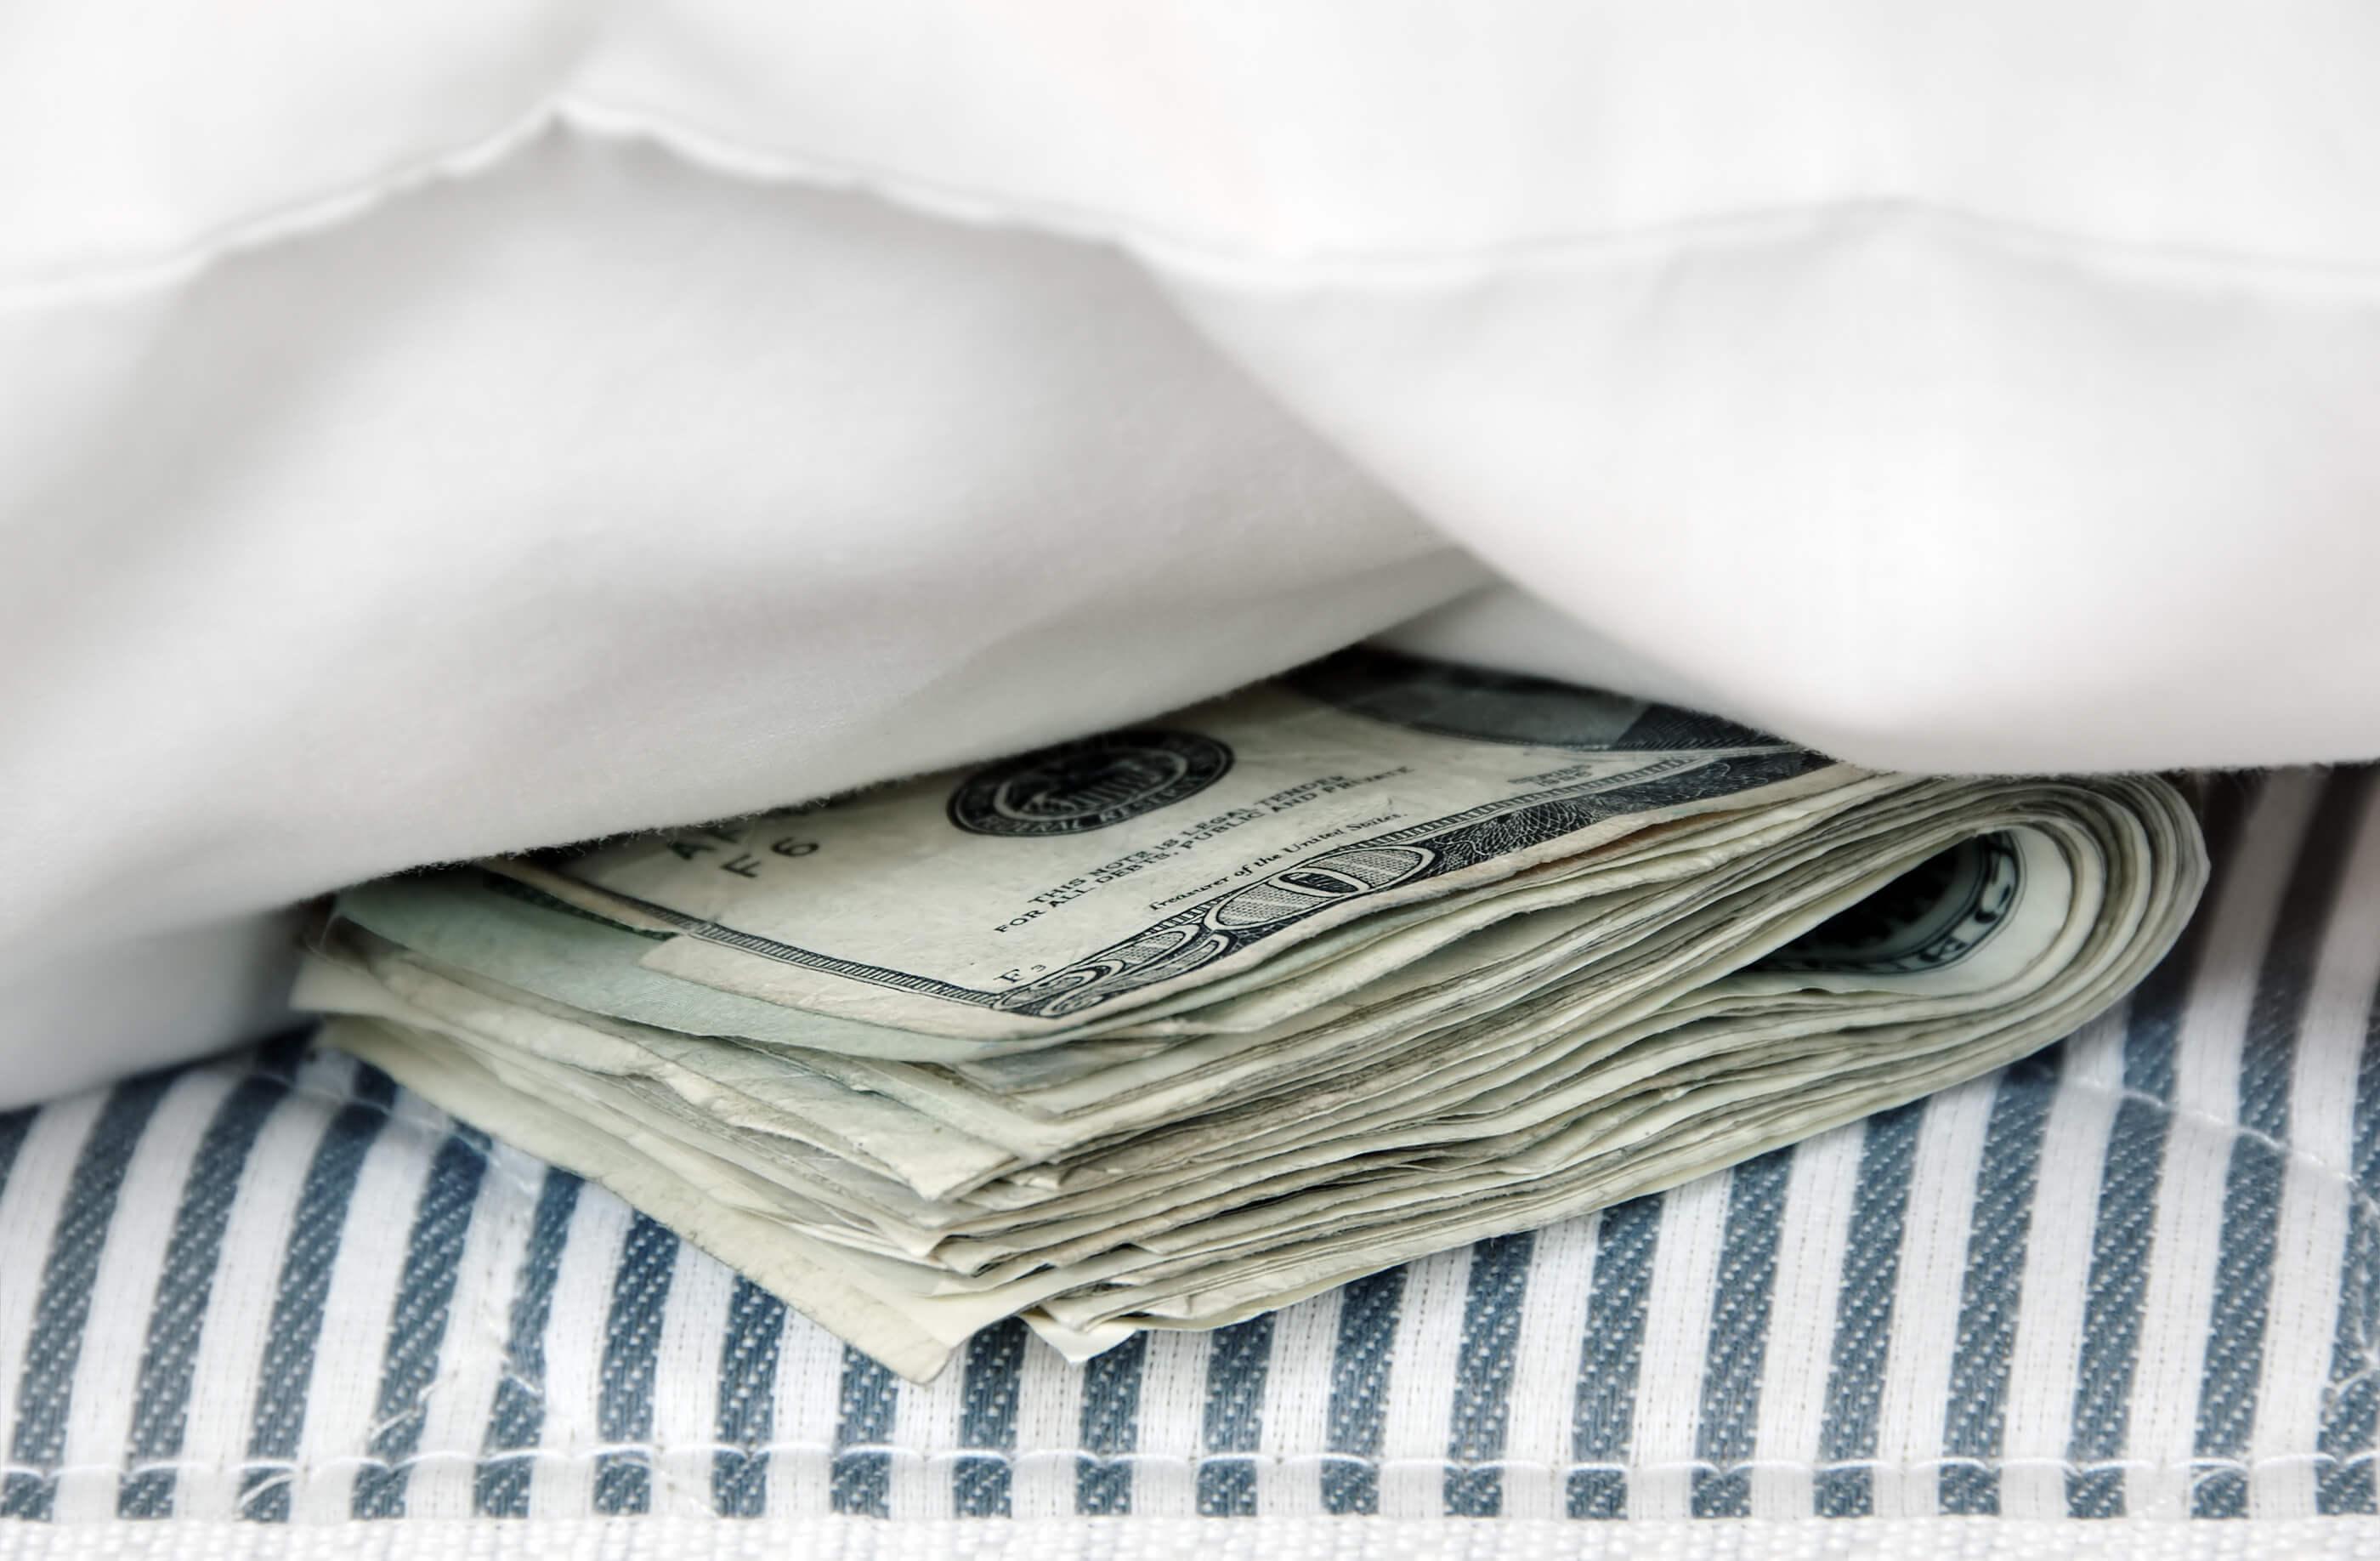 Надежные тайники: как сохранить деньги туристу?